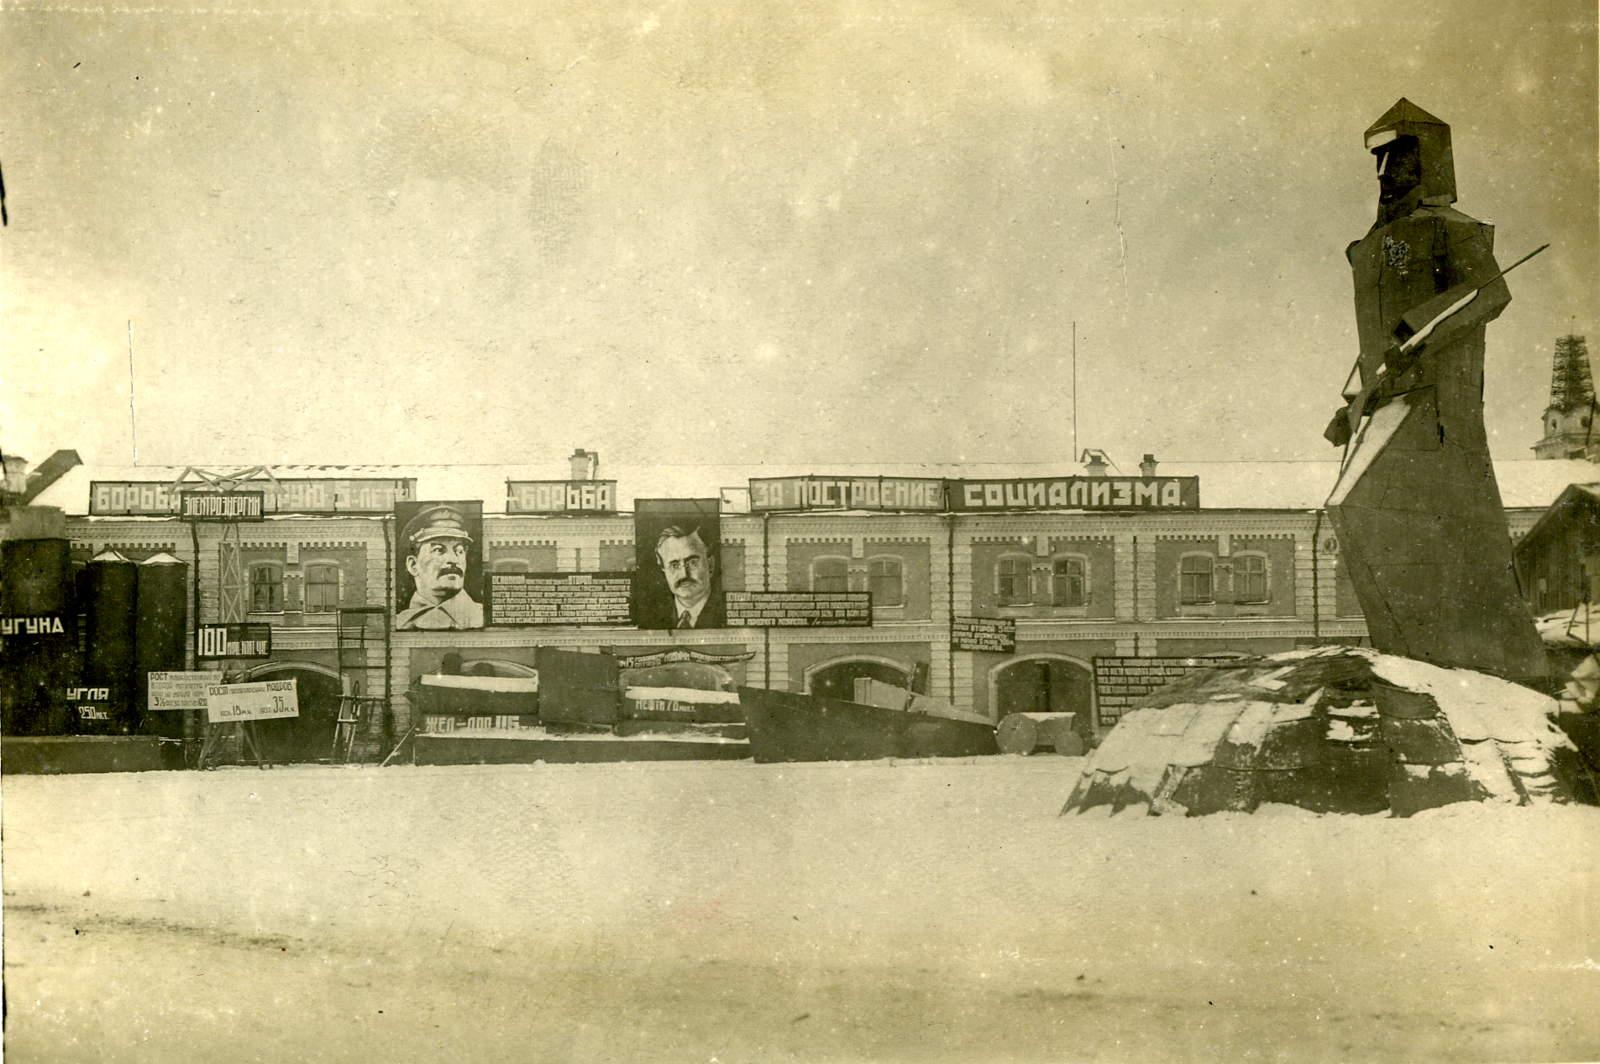 13. Площадь Окулова. Праздничное оформление зданий с портретами И.В.Сталина и В.М.Молотова